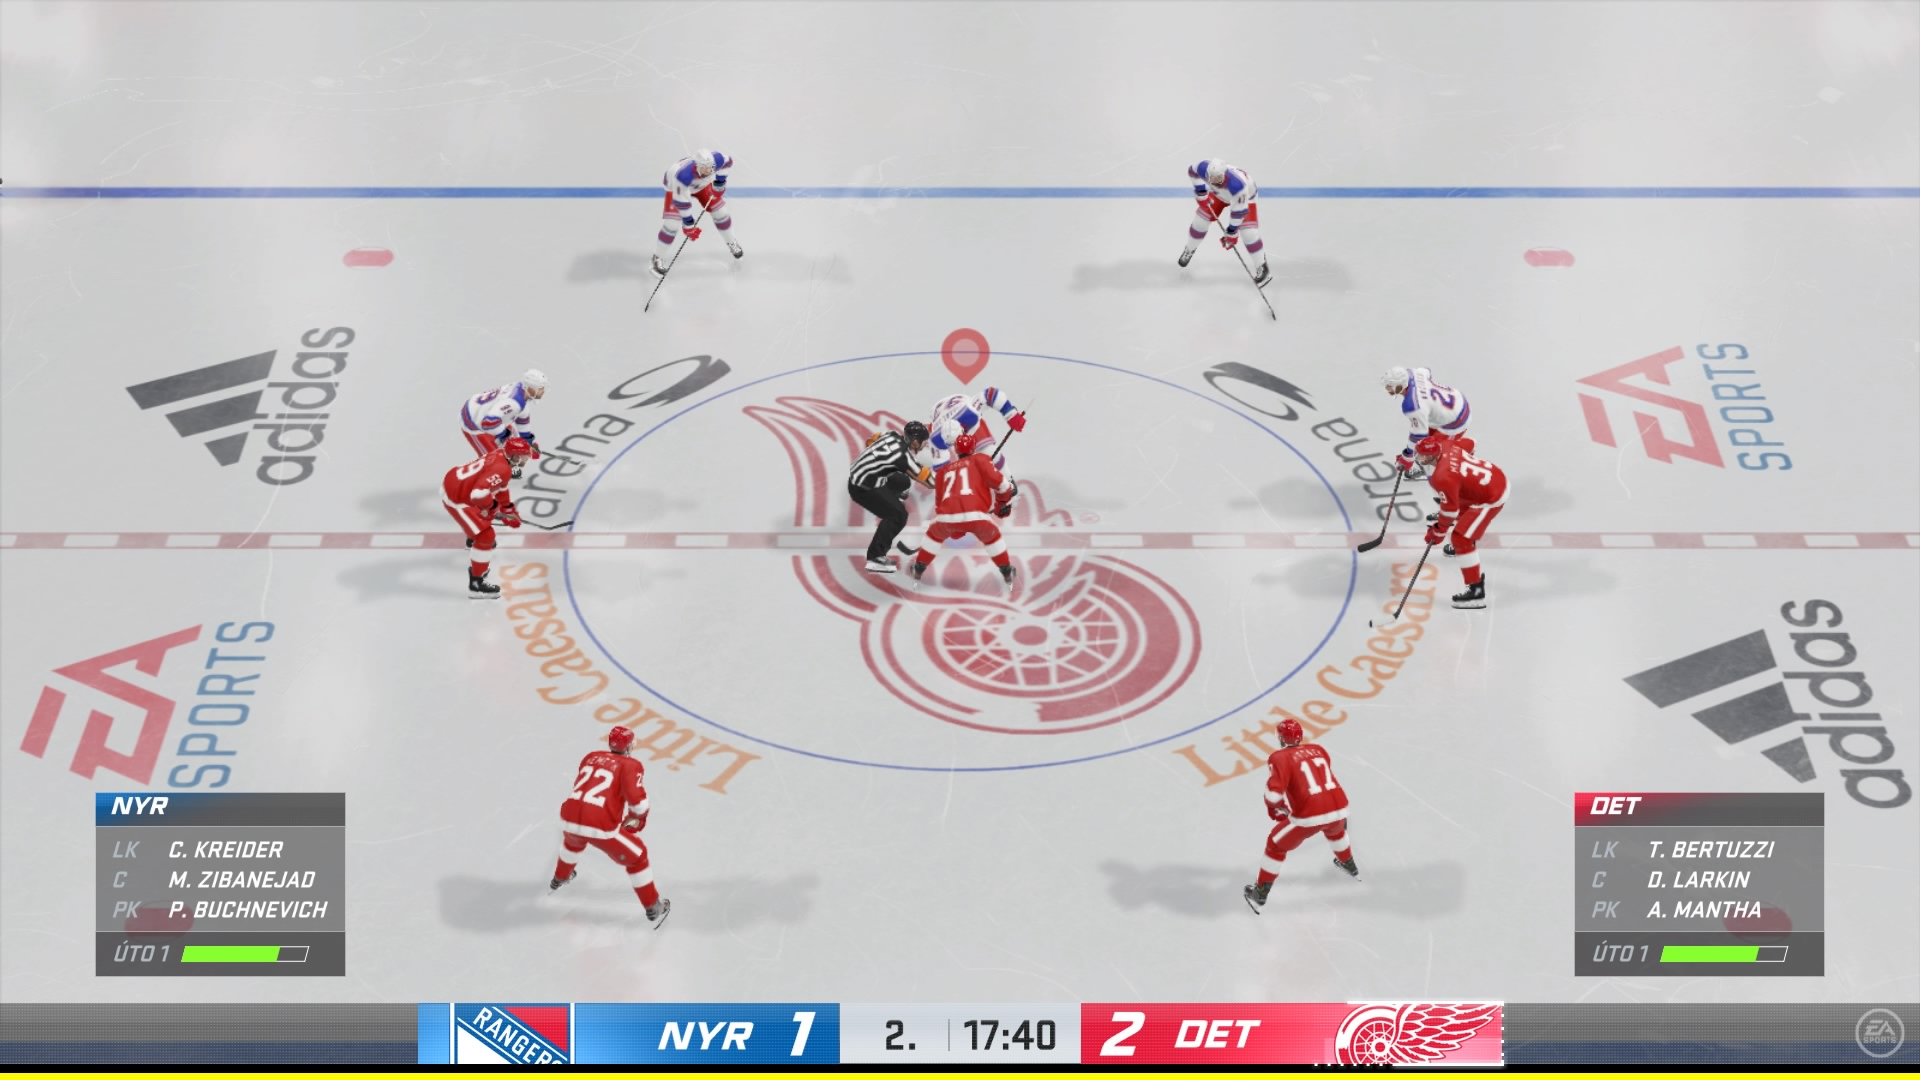 Po stránke hrateľnosti sa toho veľa nezmenilo. Stále však ide o skvelý zážitok z virtuálneho hokeja.